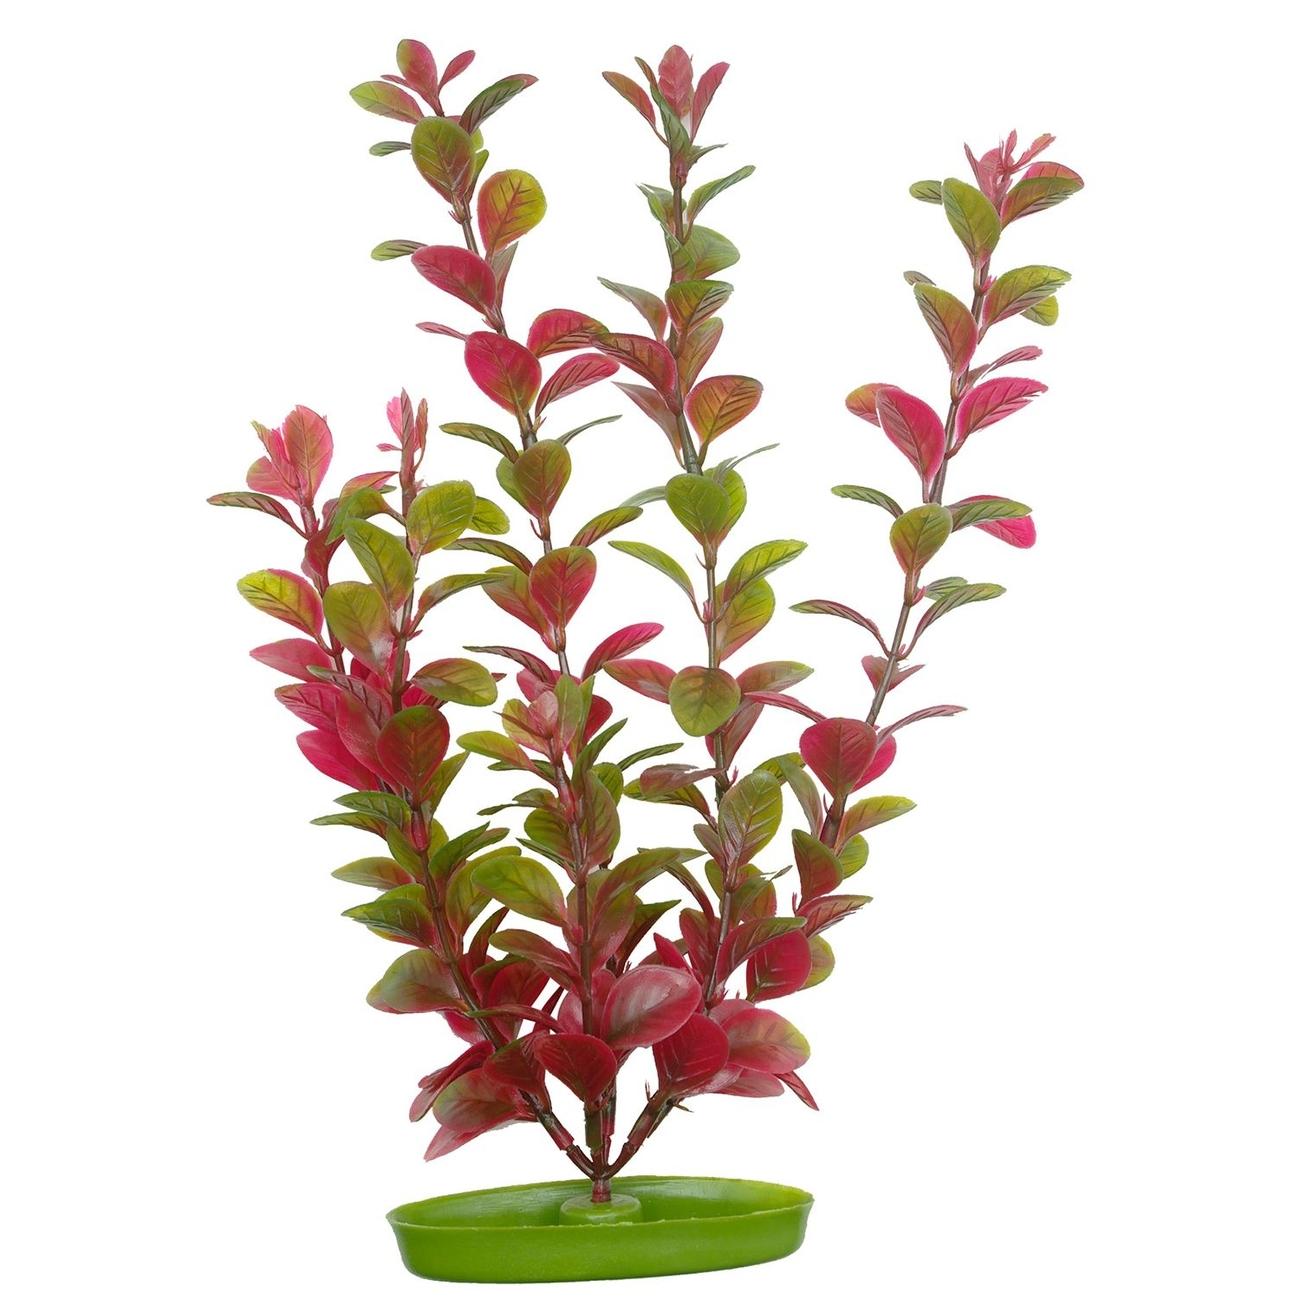 Marina Aquascaper Pflanzen ab 30 cm, Bild 6